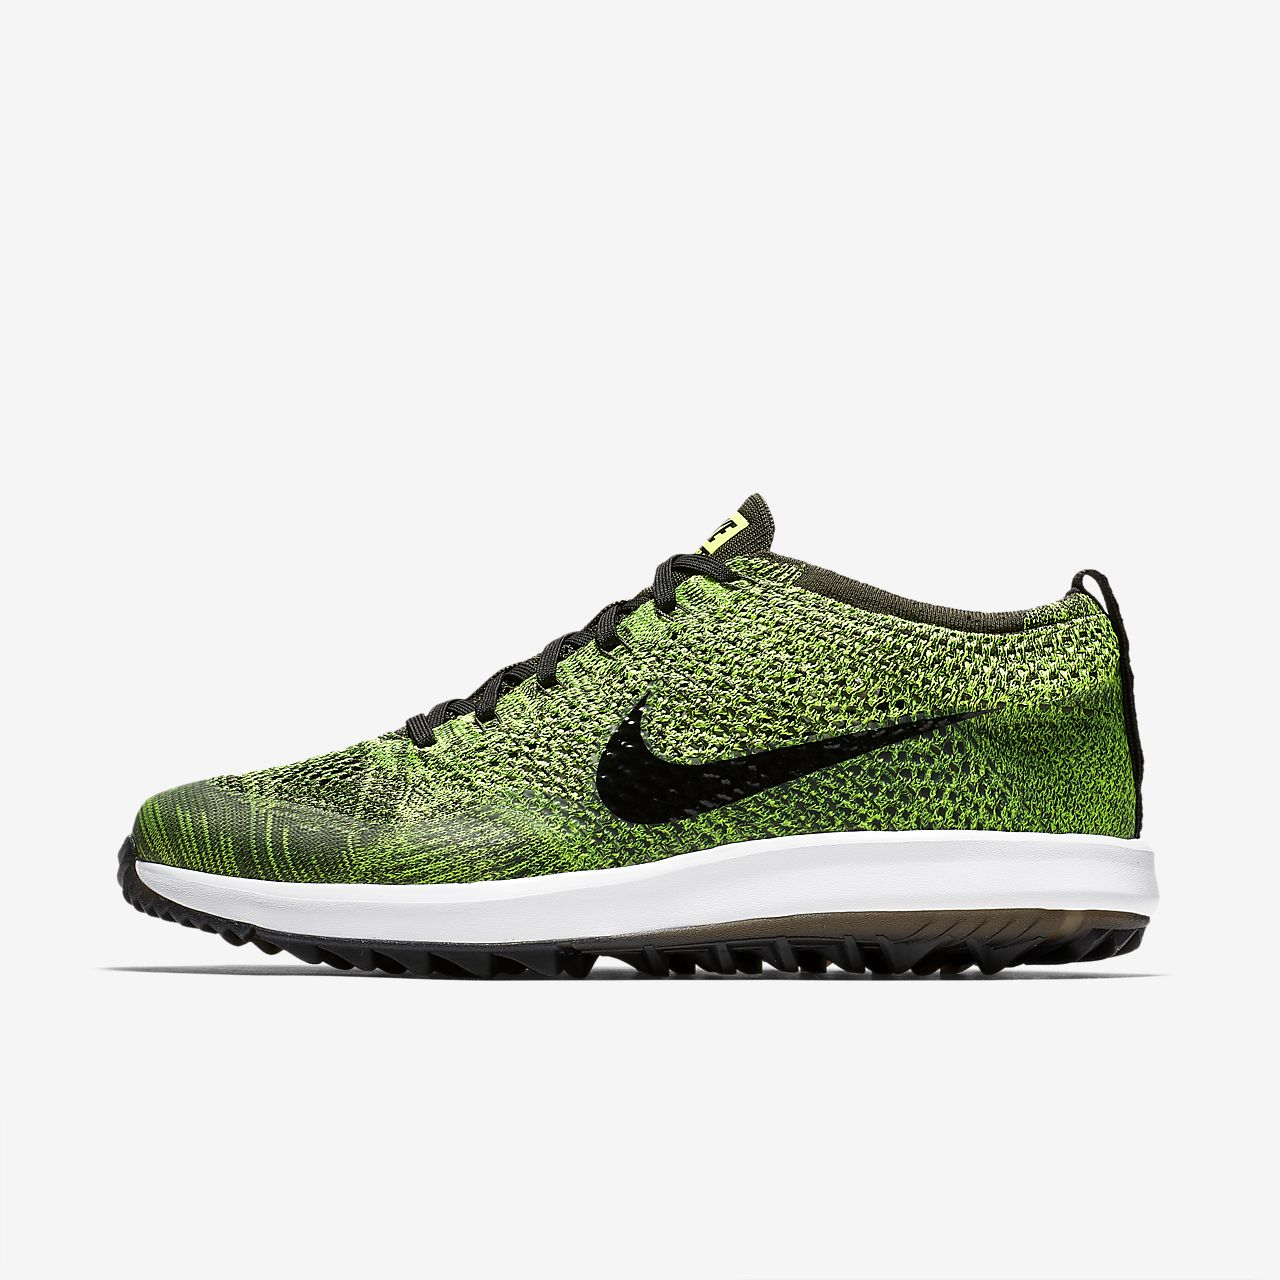 official photos d8efb 62359 ... Golfsko Nike Flyknit Racer G för män